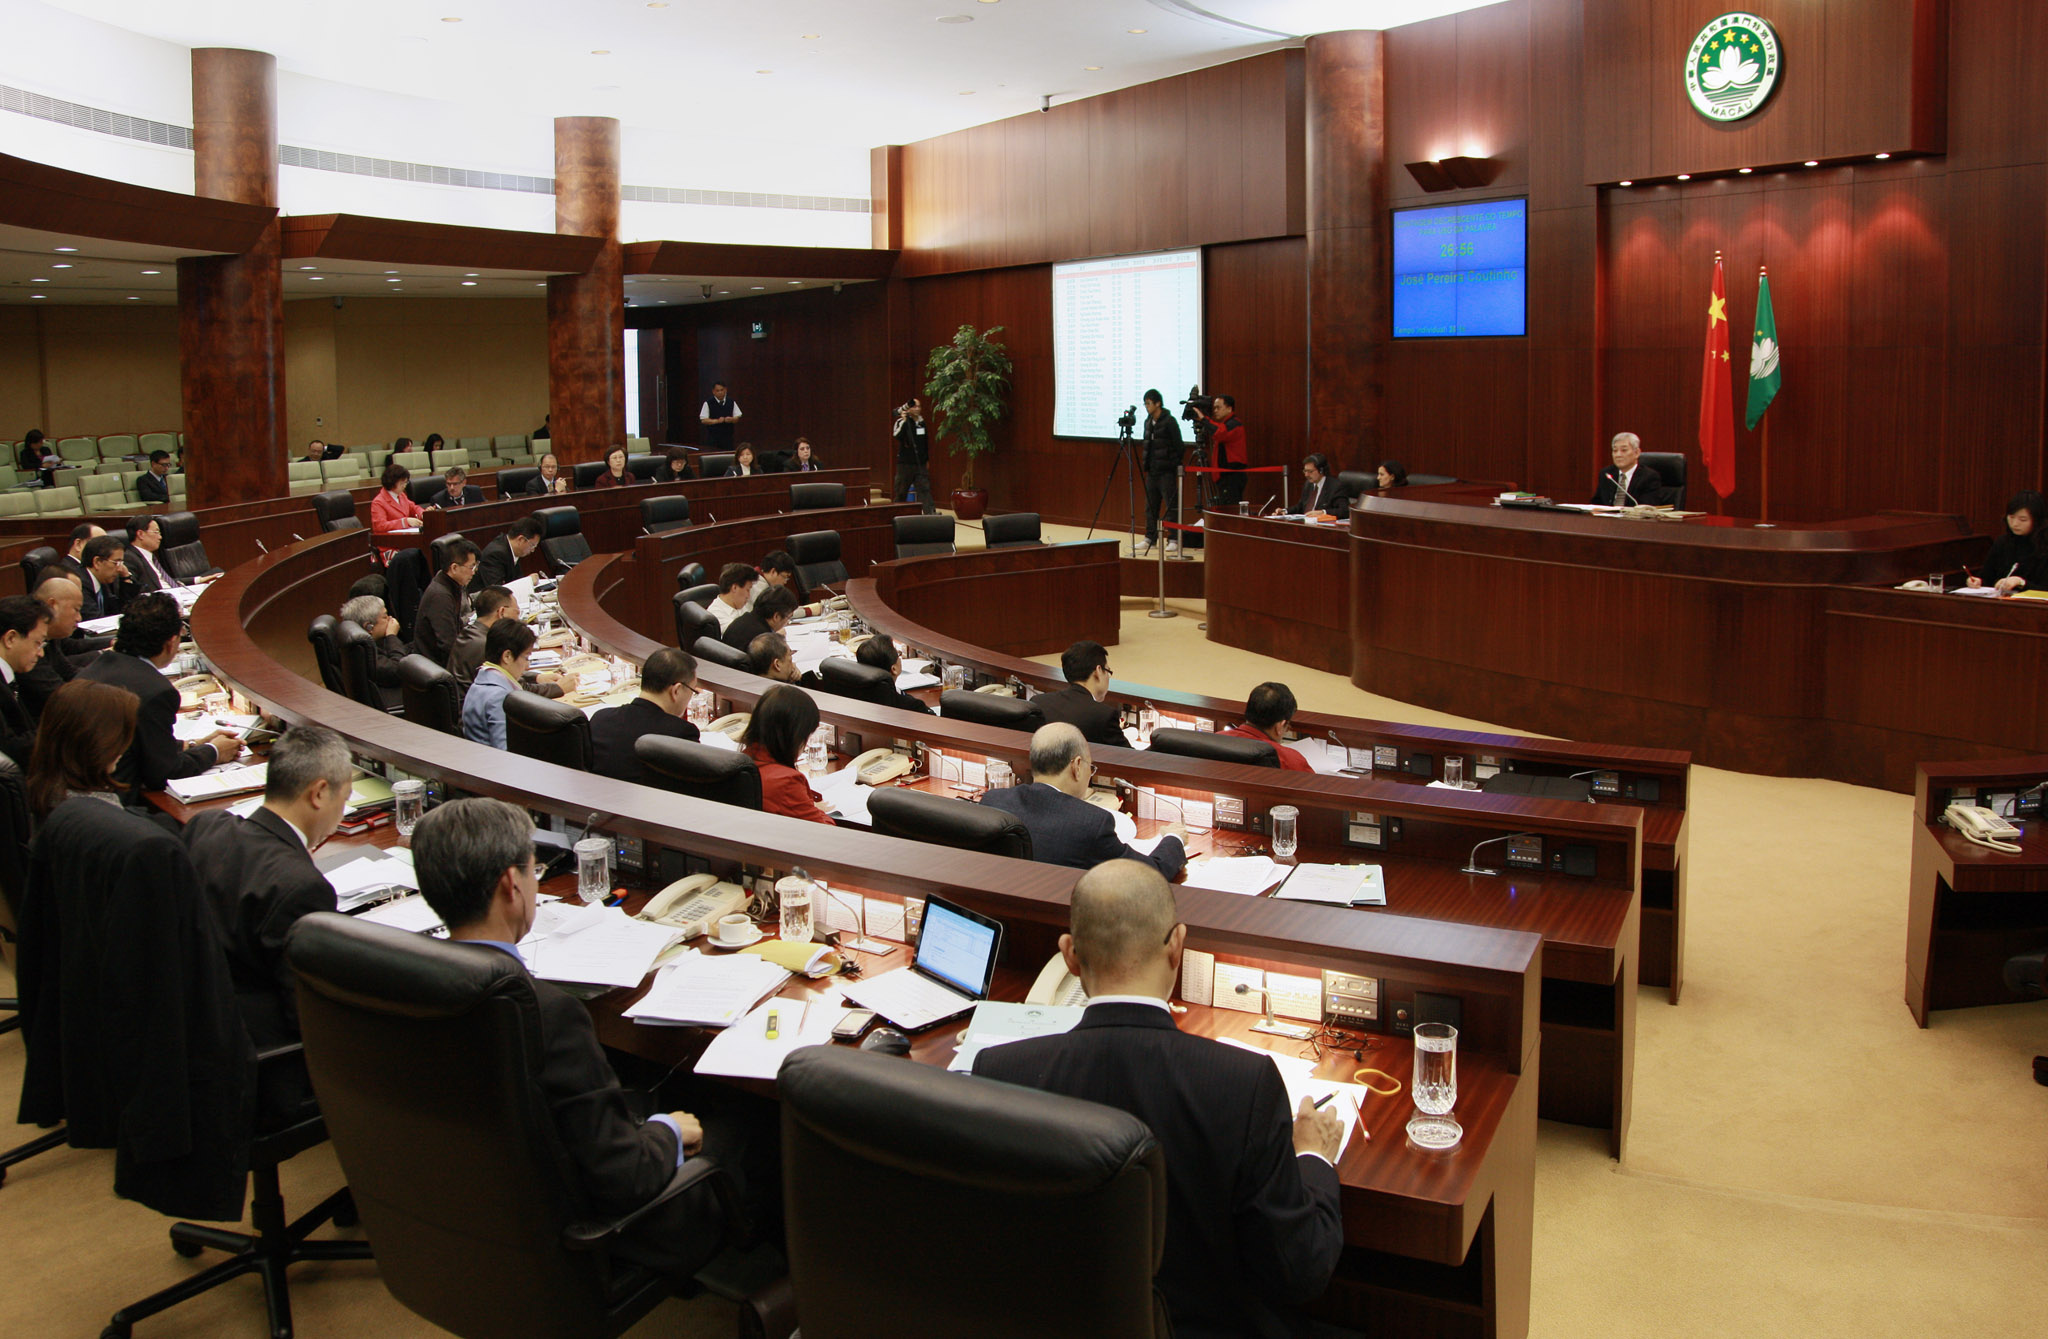 Lawmakers pass public servant's 5 pct pay hike